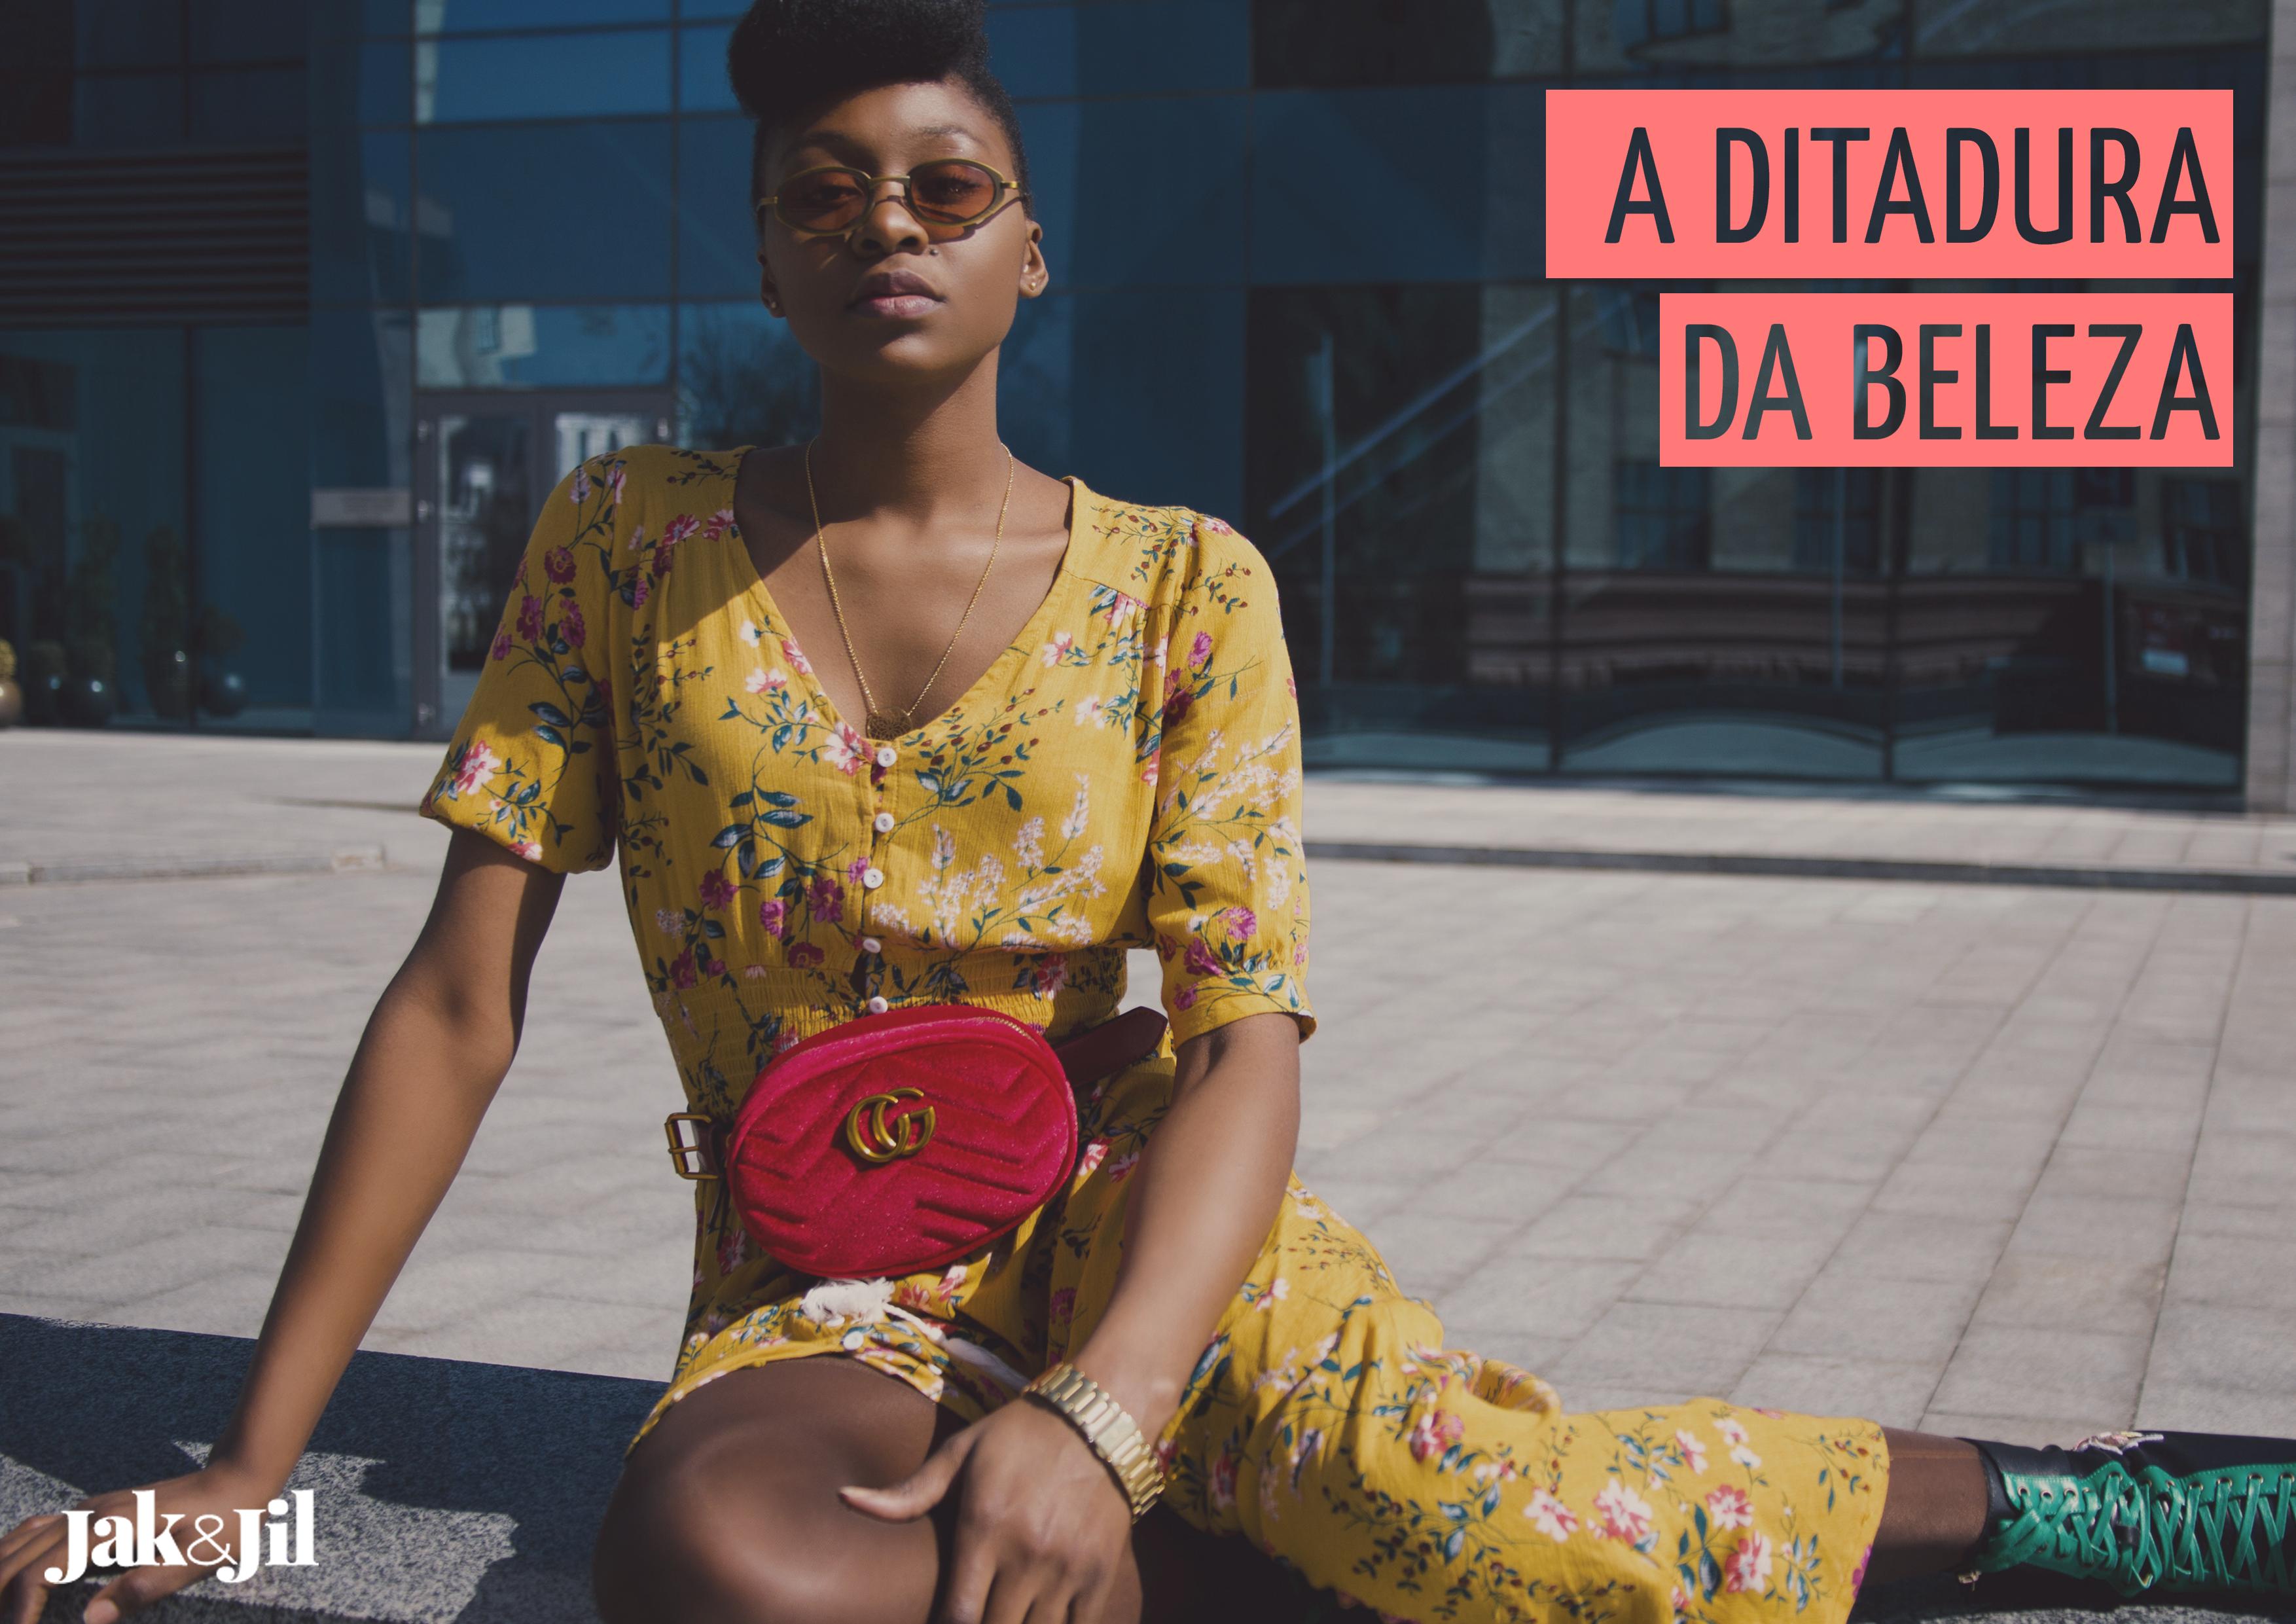 """Desafio Acadêmico com tema """"A Ditadura da Beleza"""" oferece $4000 dólares para a melhor fotografia artística."""